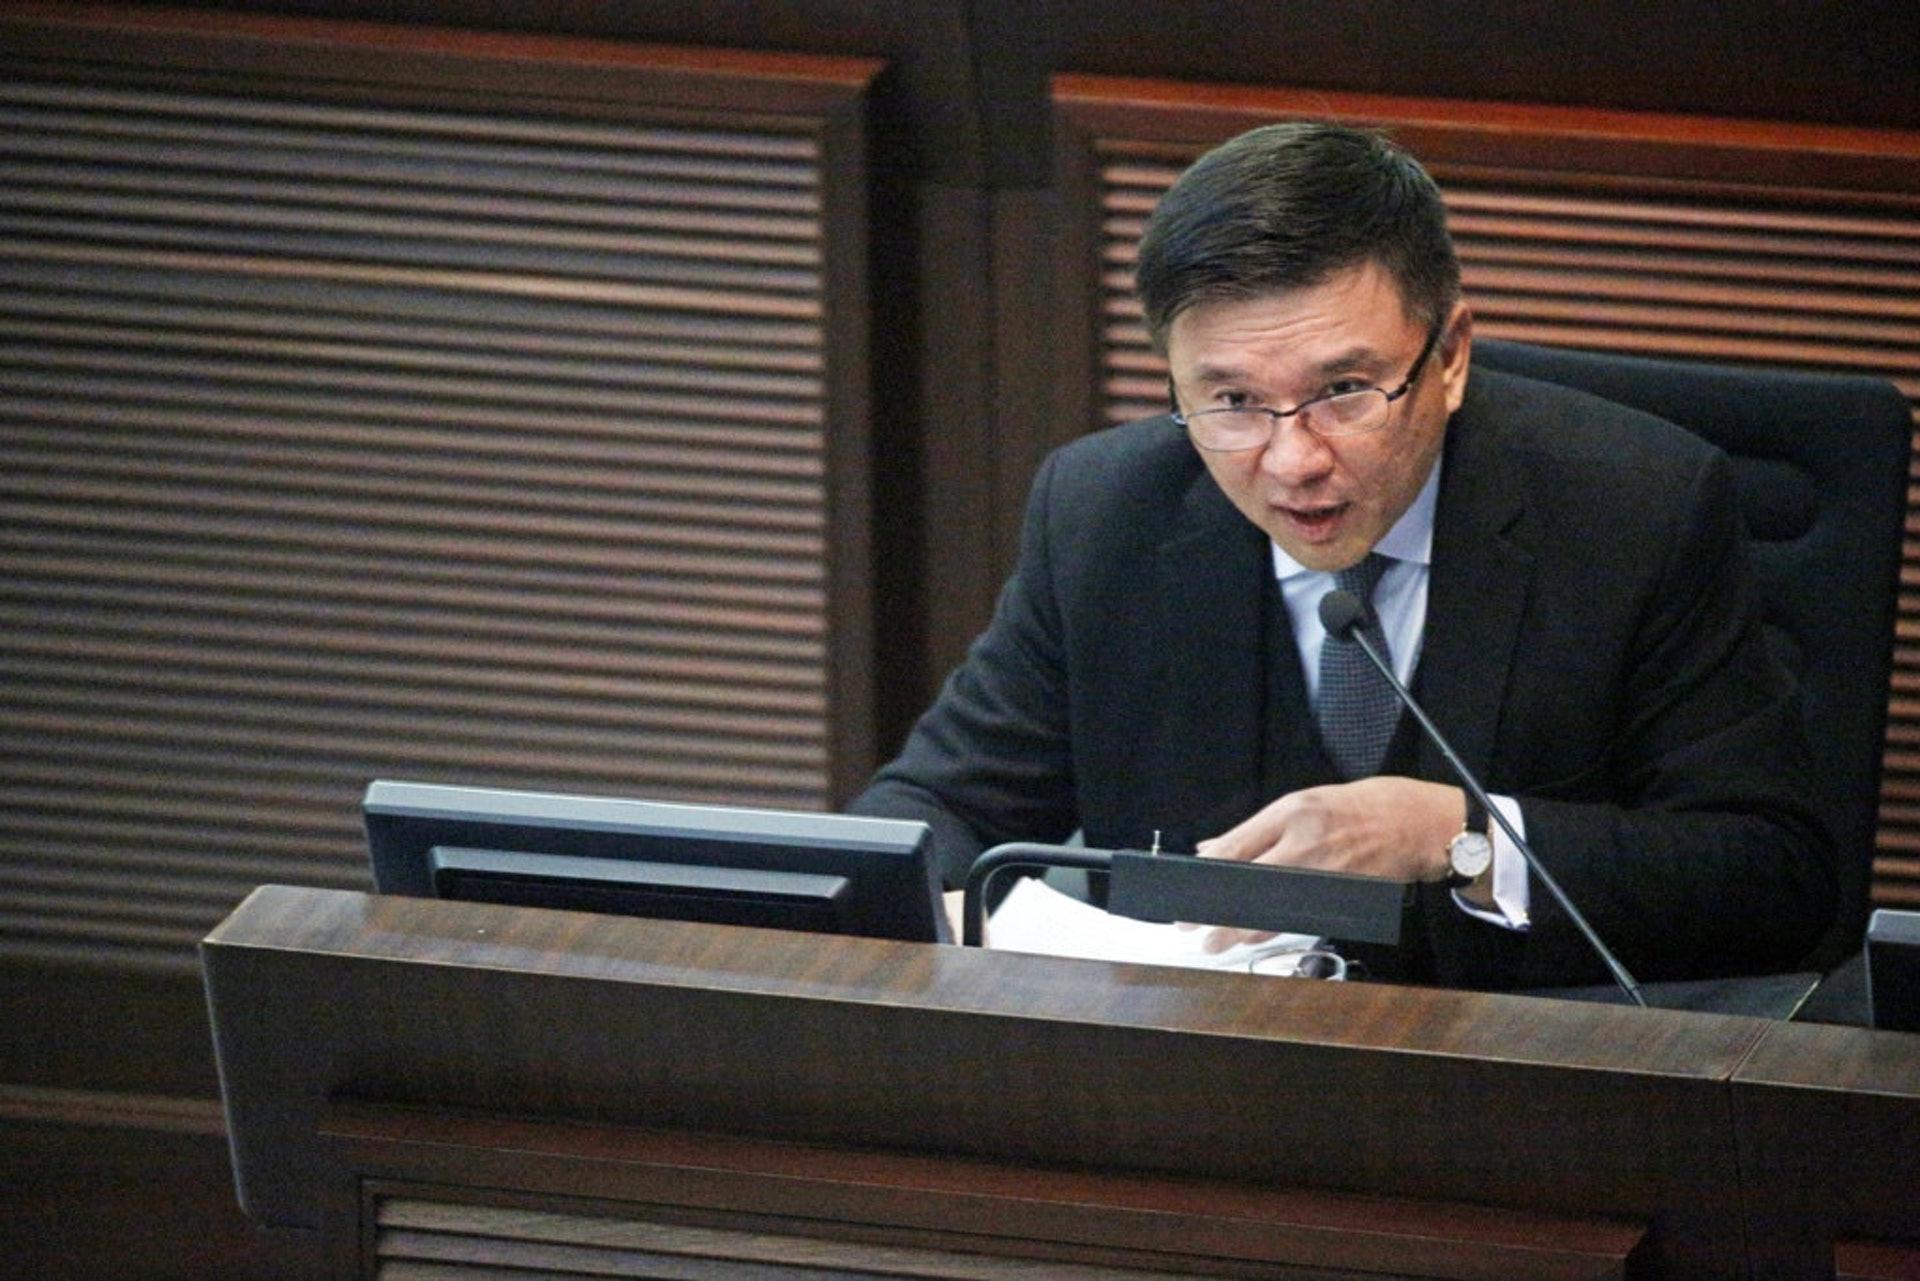 陳家強過往回應立法會議員提問,一再重申並無需要由金管局規管財仔。(資料圖片/鍾偉德攝)